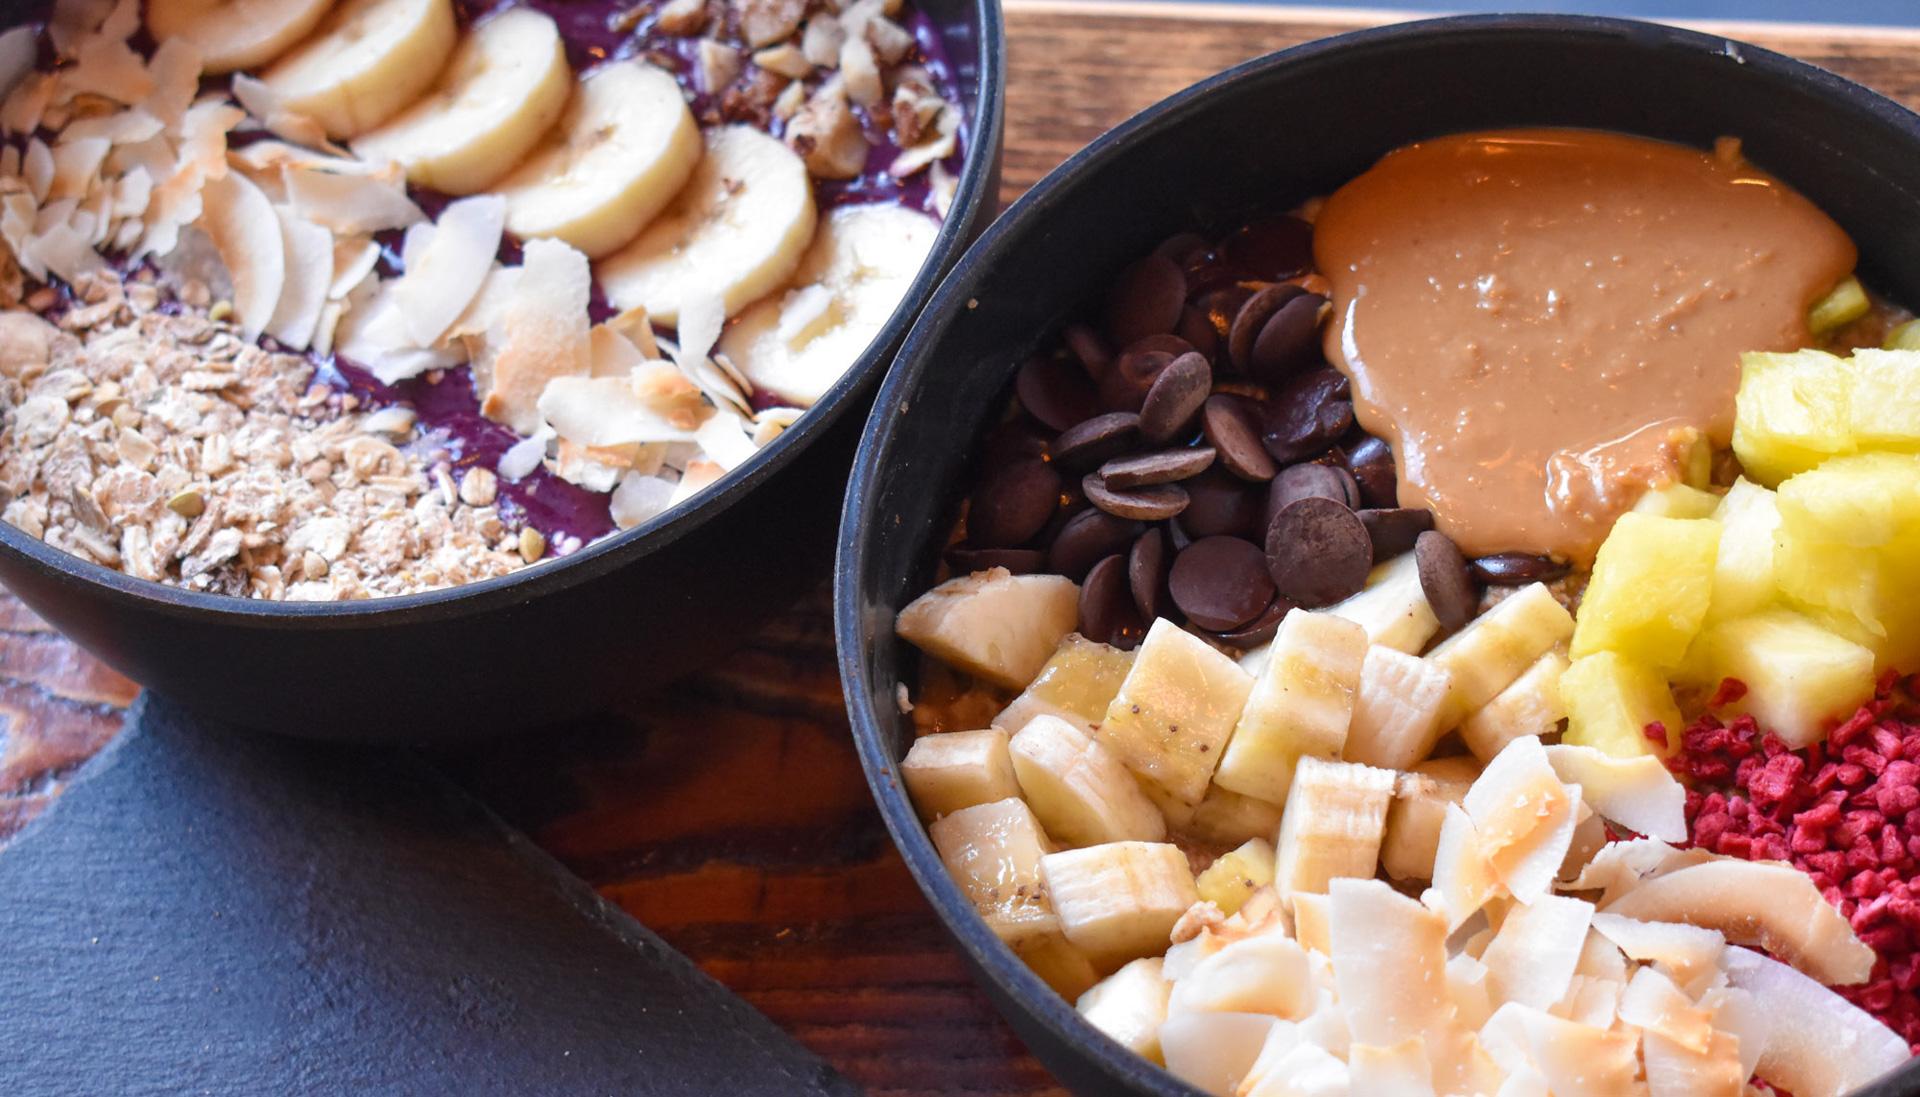 We Feat: Halv pris - dobbelt op på sund morgenmad inkl. kaffe